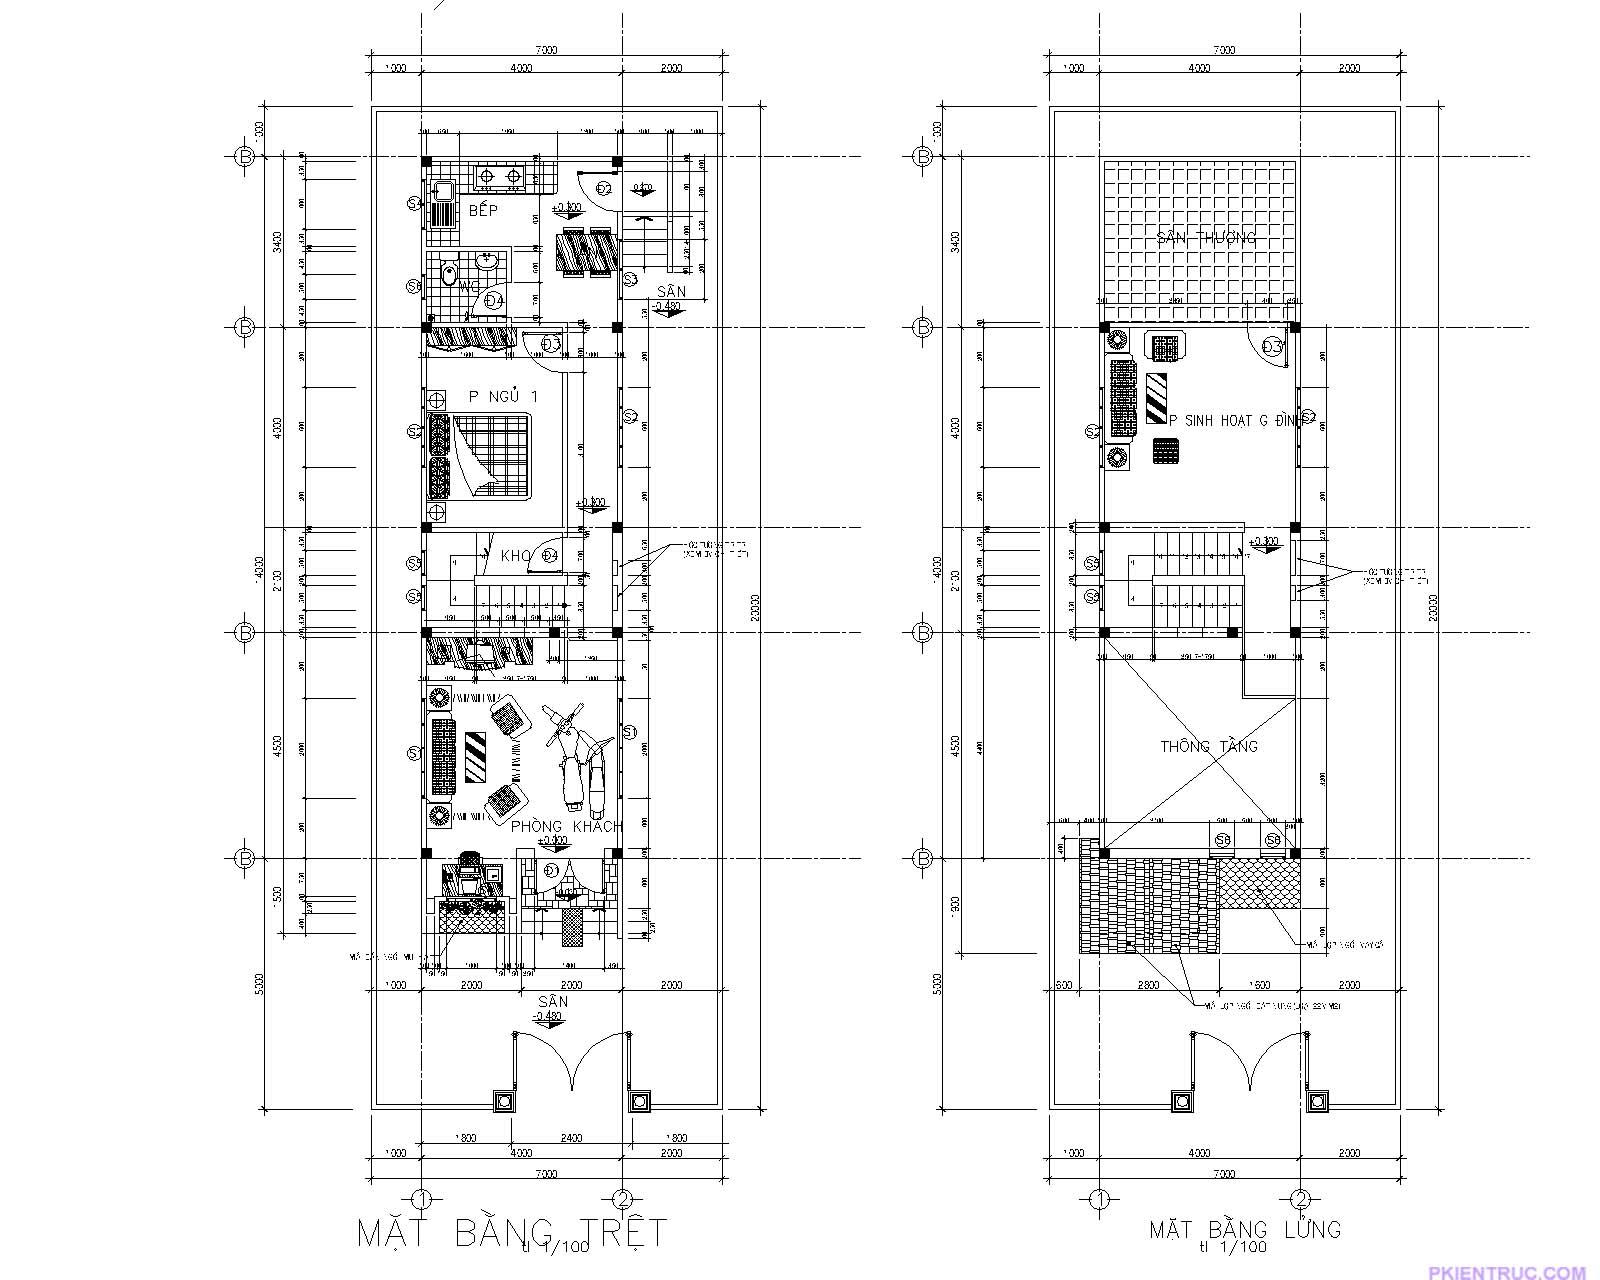 Mặt bằng tầng trệt và tầng lững mẫu nhà cấp 4 mái thái 4x 14 mét